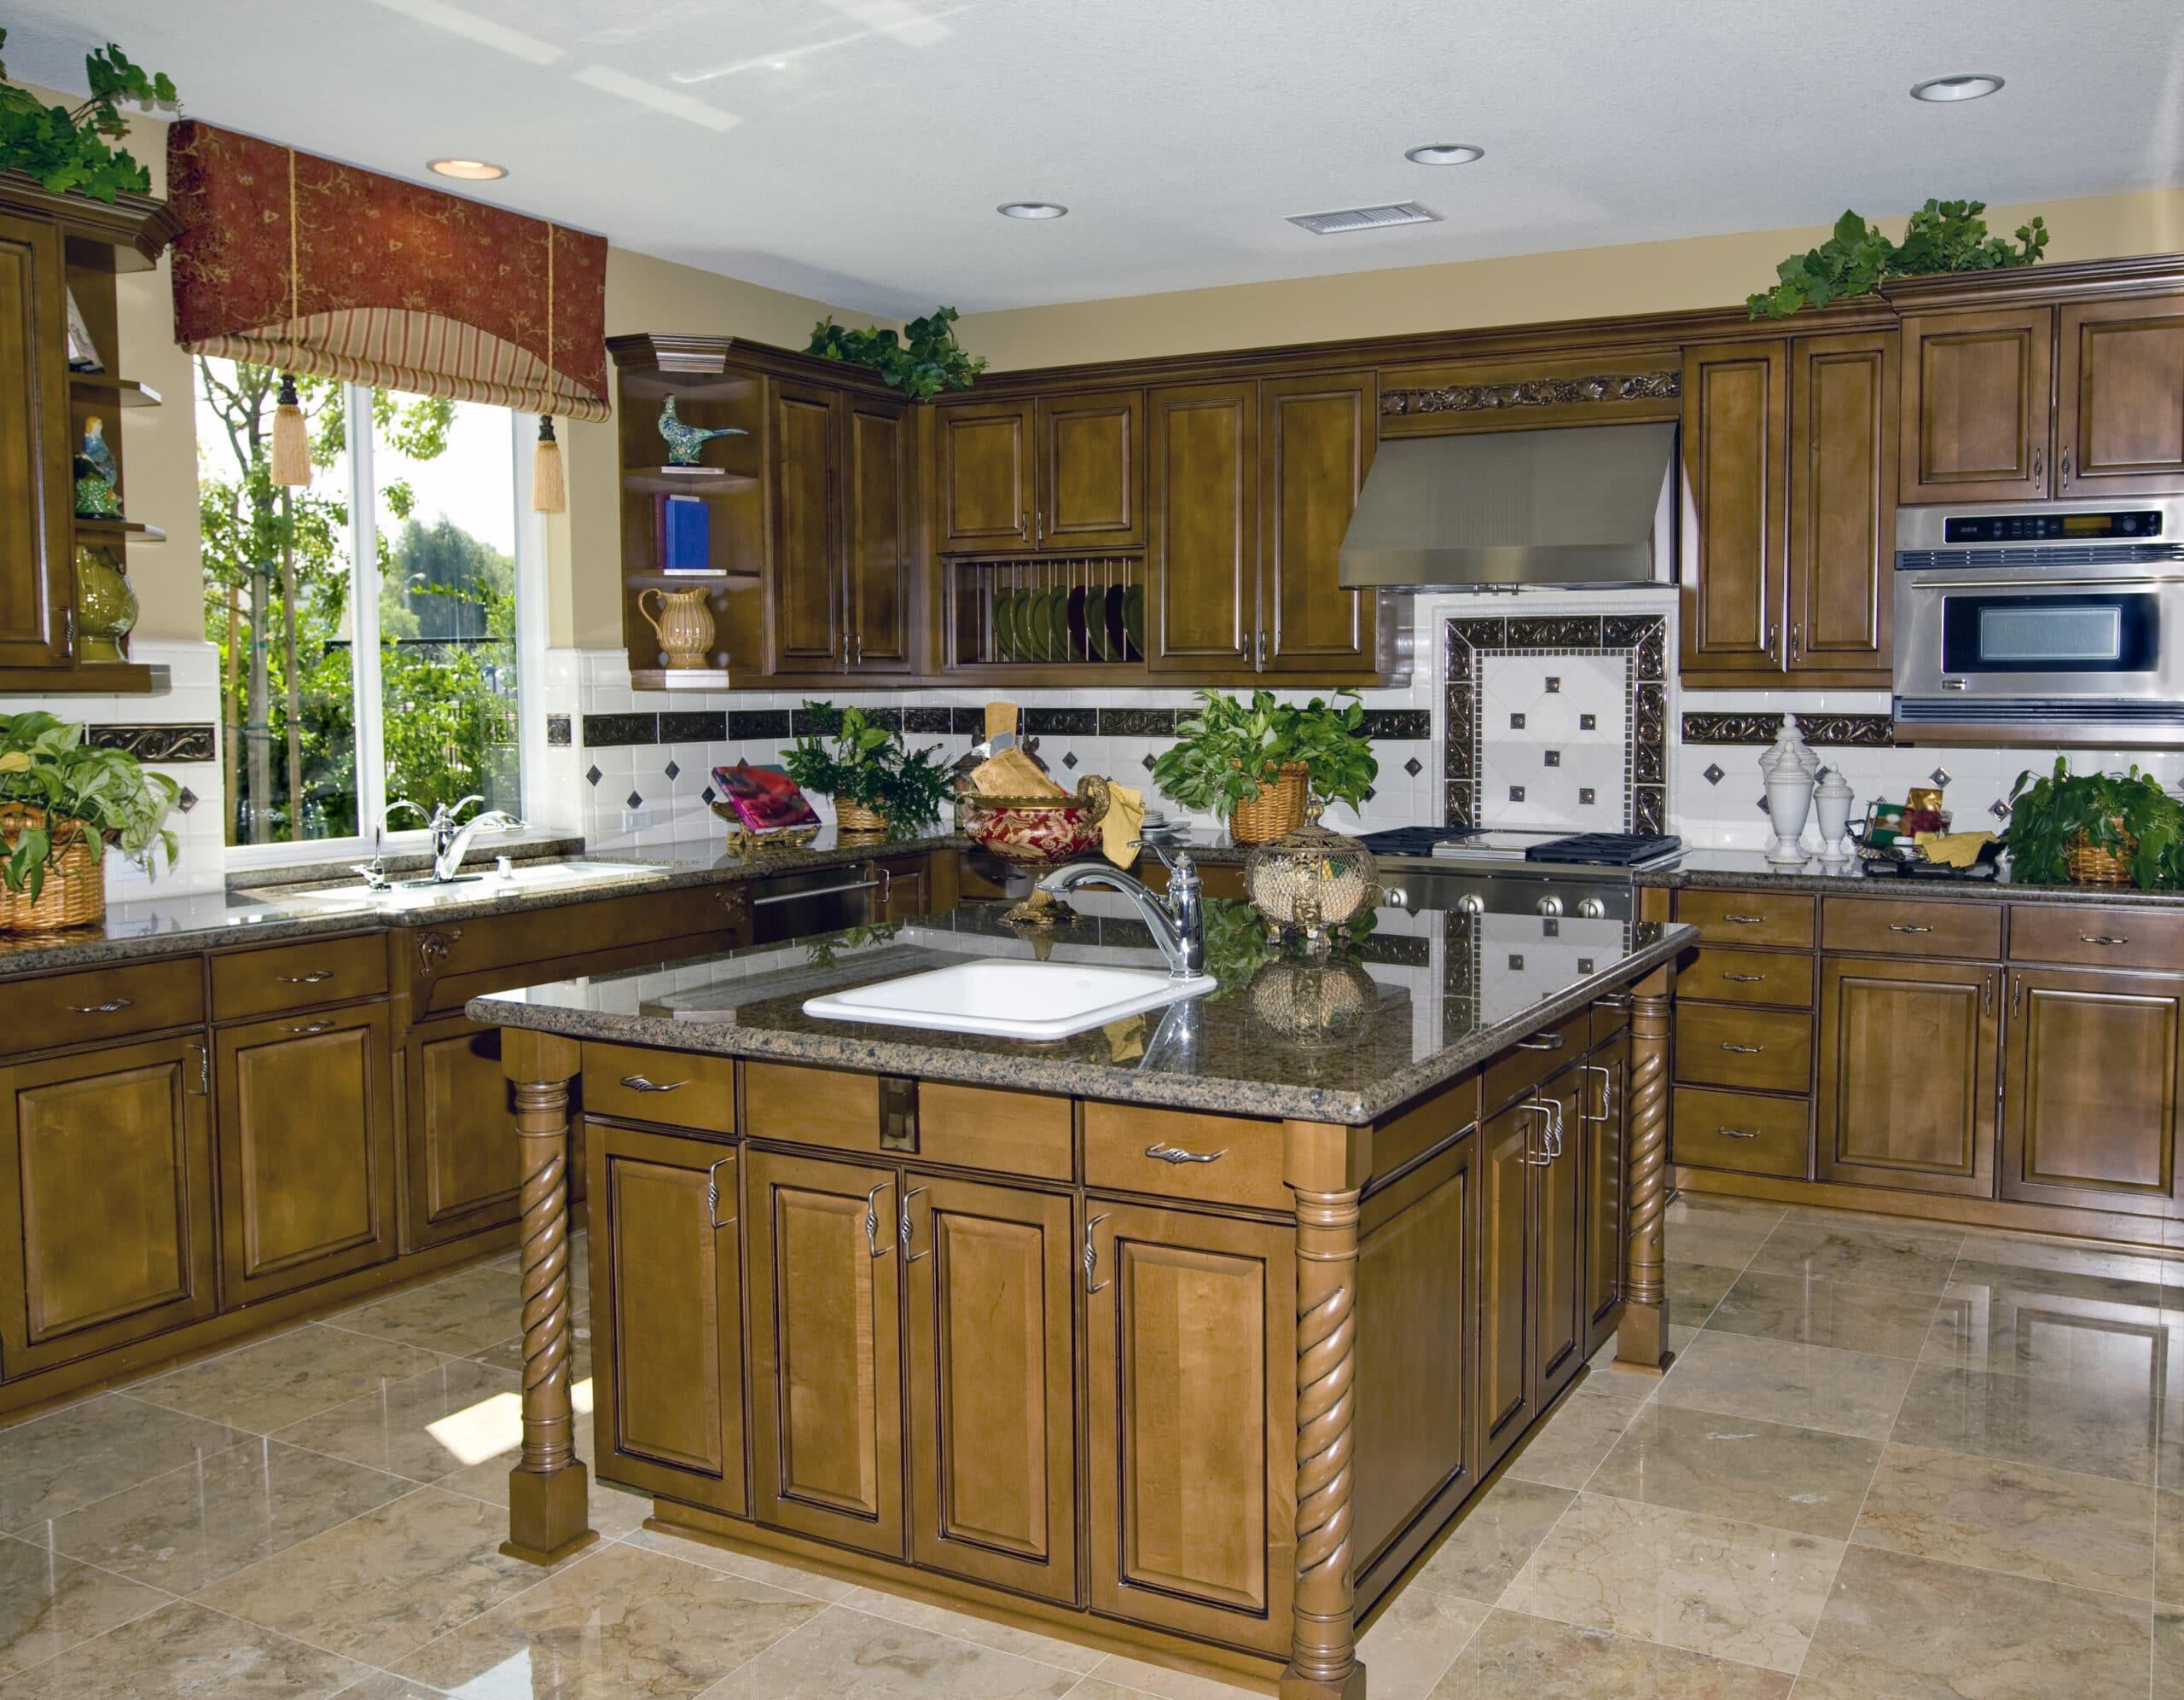 מטבחים מעץ חברות לעיצוב מטבחים עם ציוד מקצועי עם הרבה ניסיון שיודעים לספק פתרונות מגוונים לכל בית תוך כדי הפעלת ציוד מקצועי לניסור עץ במטבח הלקוח